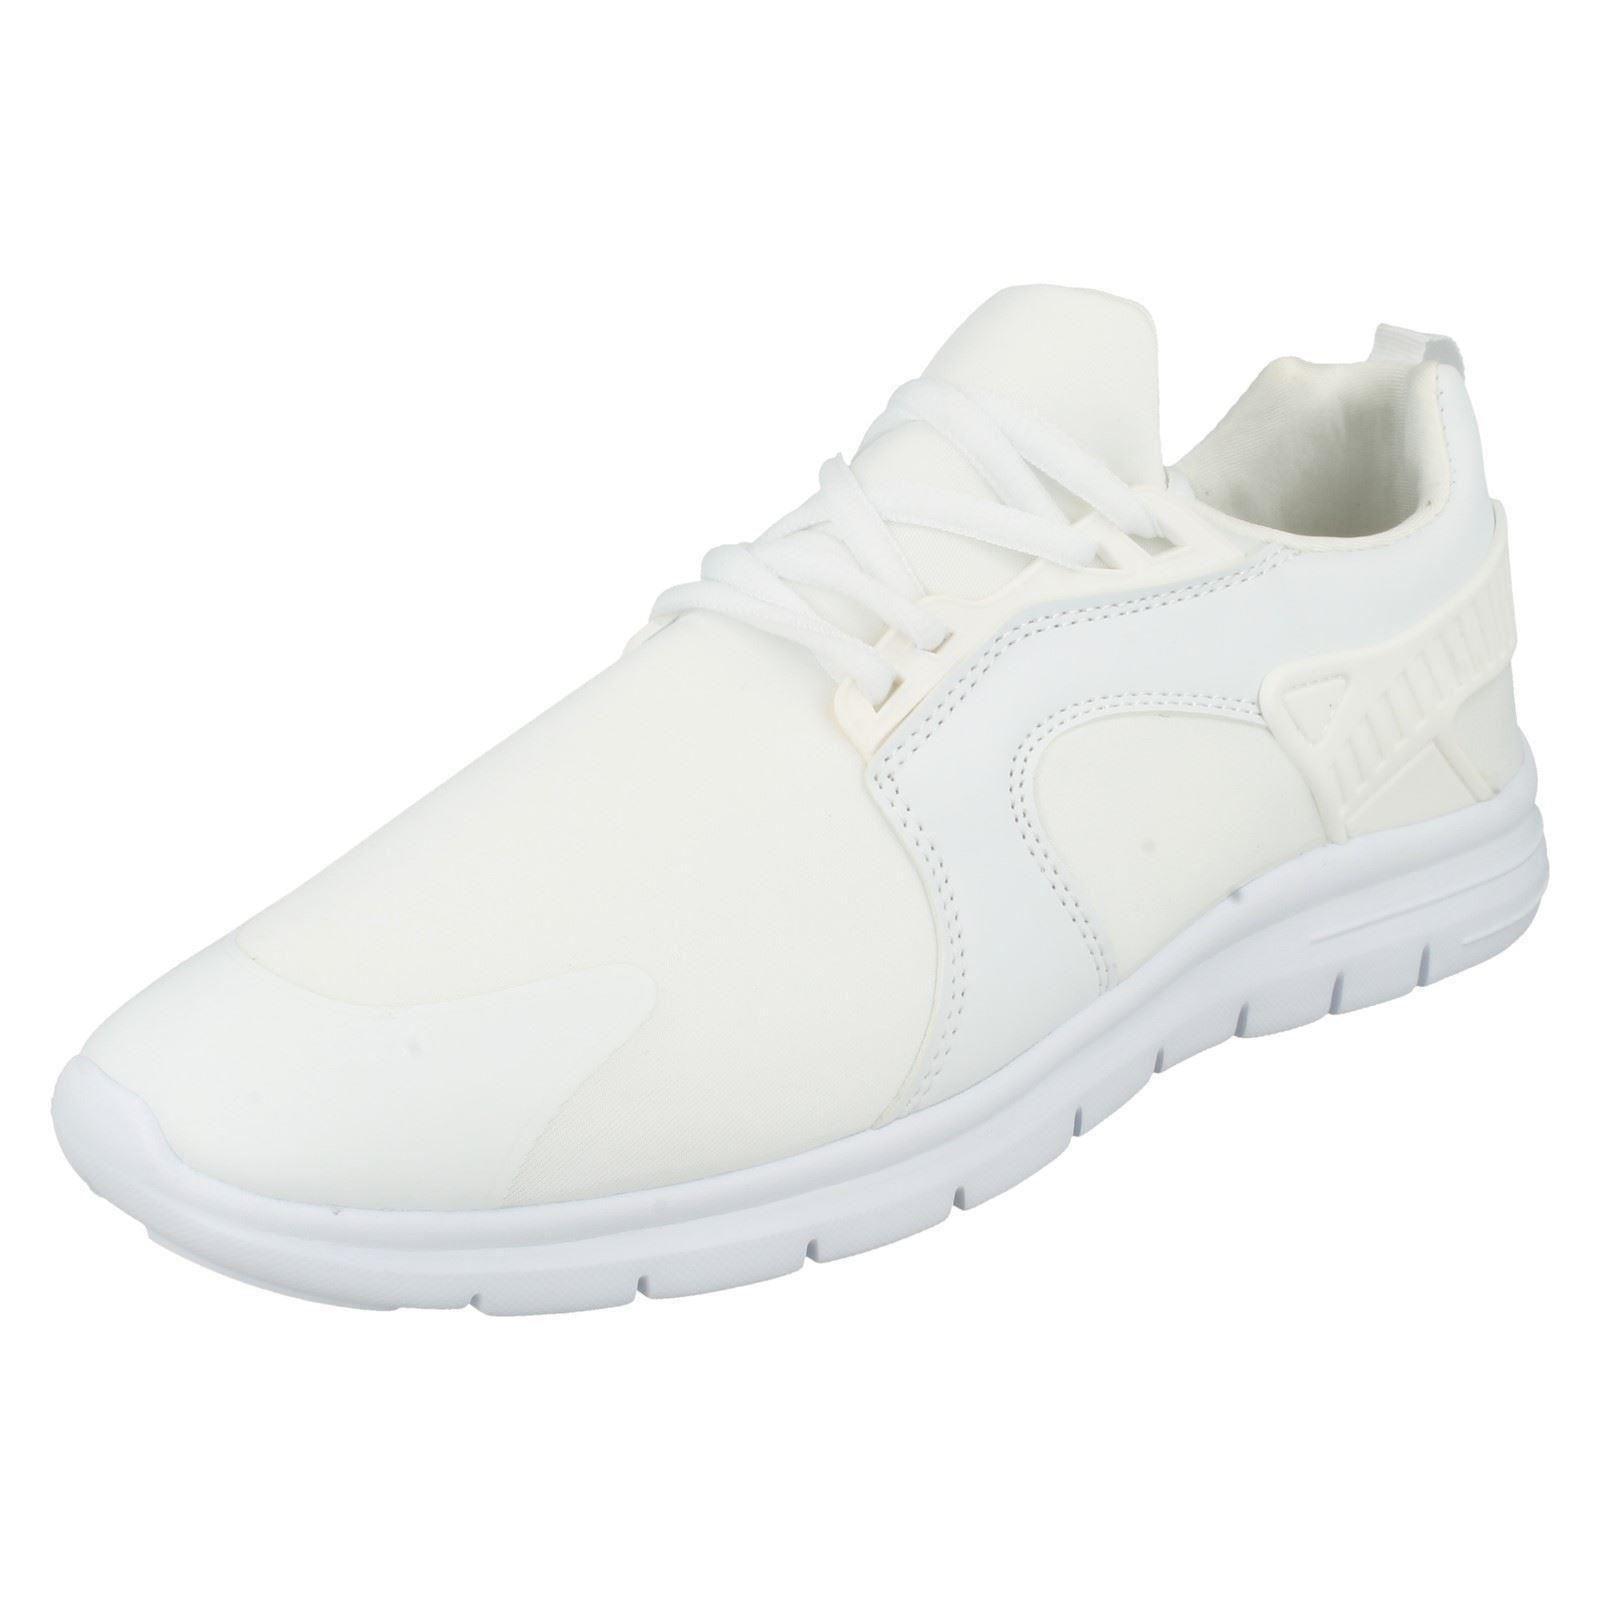 Hombre RENAGADE Blanco de Zapatillas Con Cordones de Blanco aire Tech 7516ca